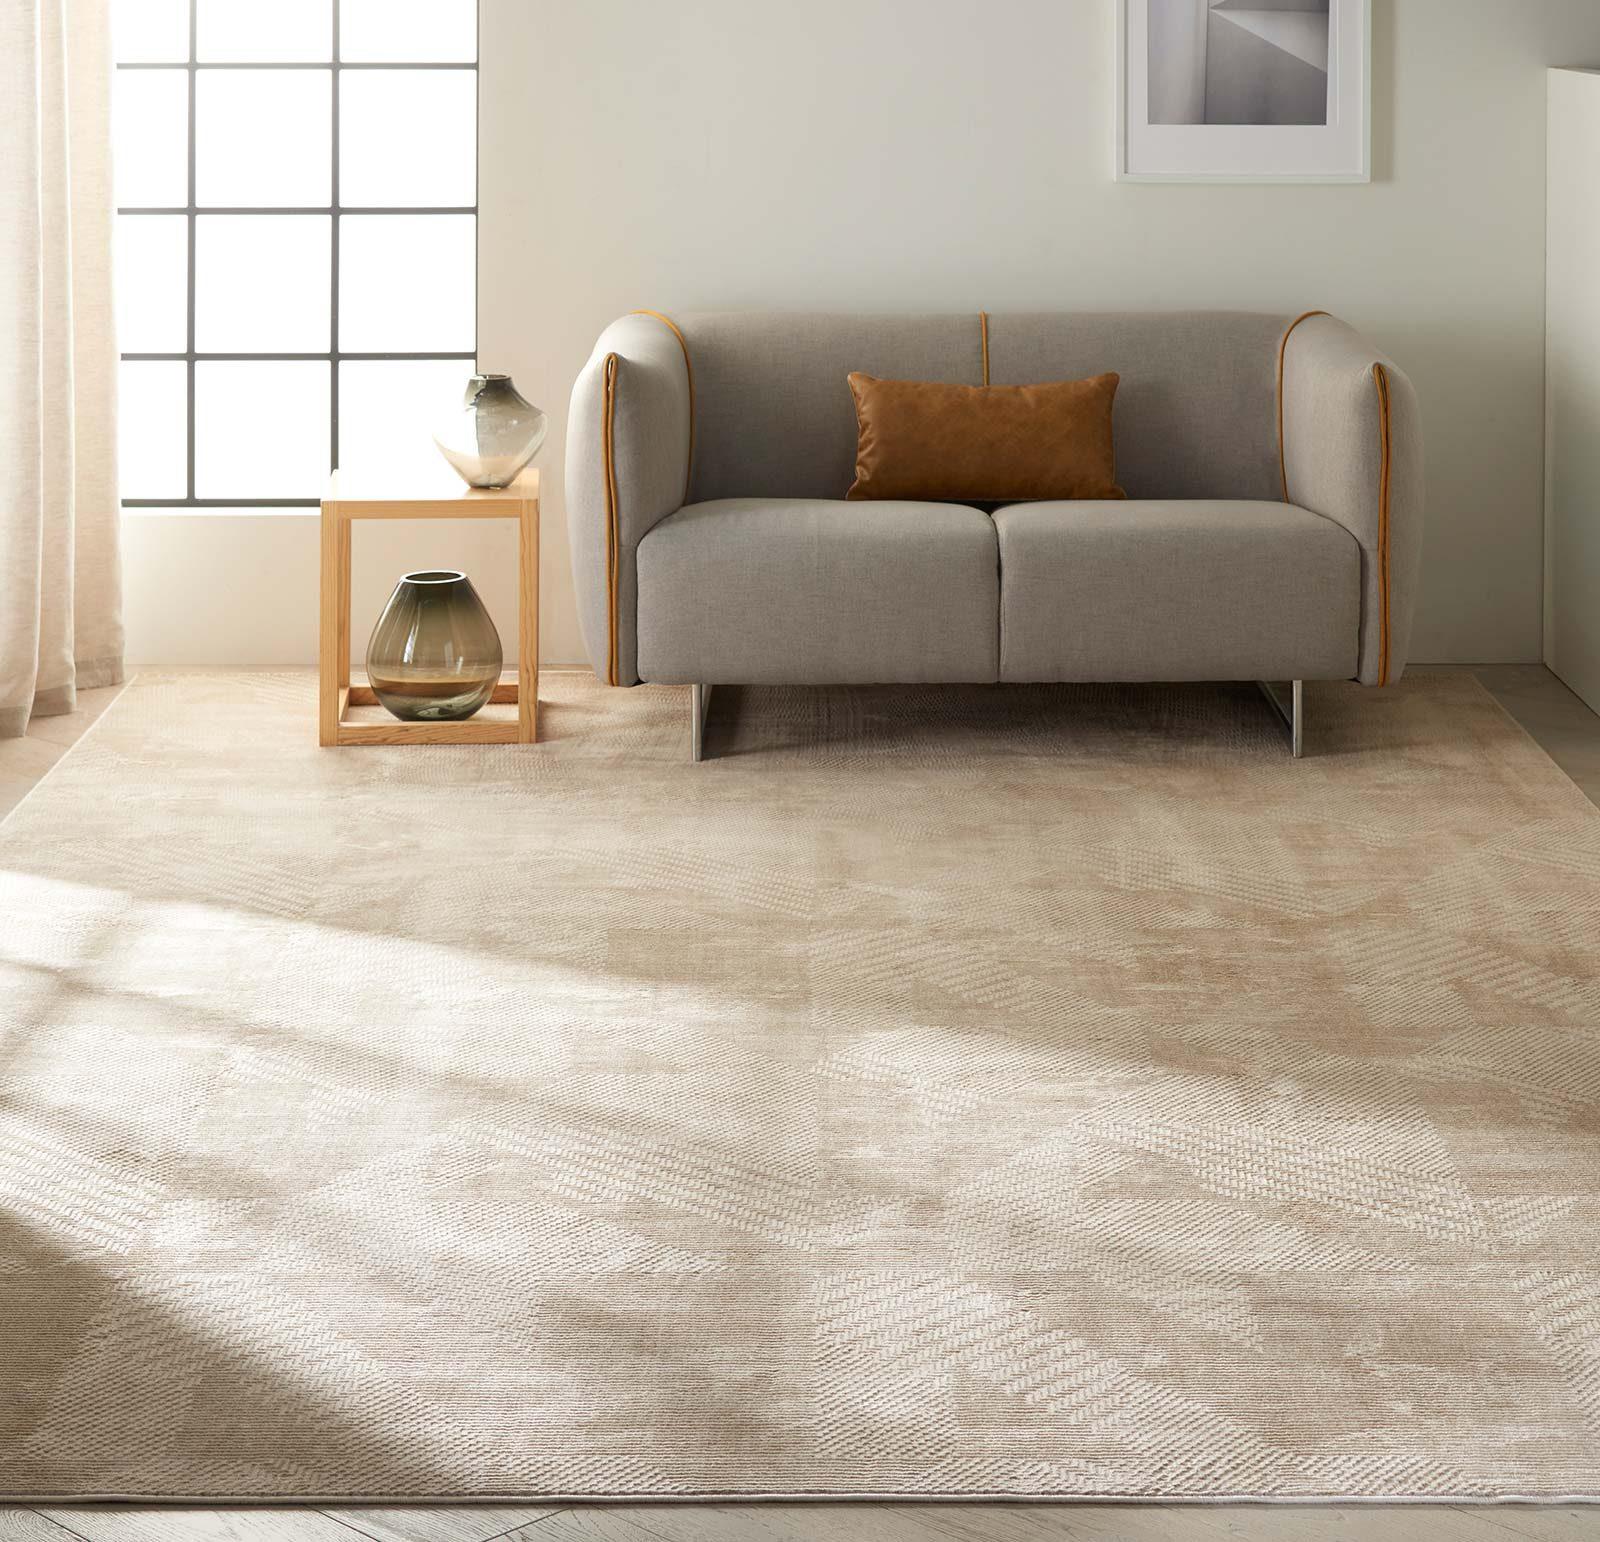 Calvin Klein rug Orlando CK850 CK852 GREY SAFFRON 8x11 099446488107 interior 1